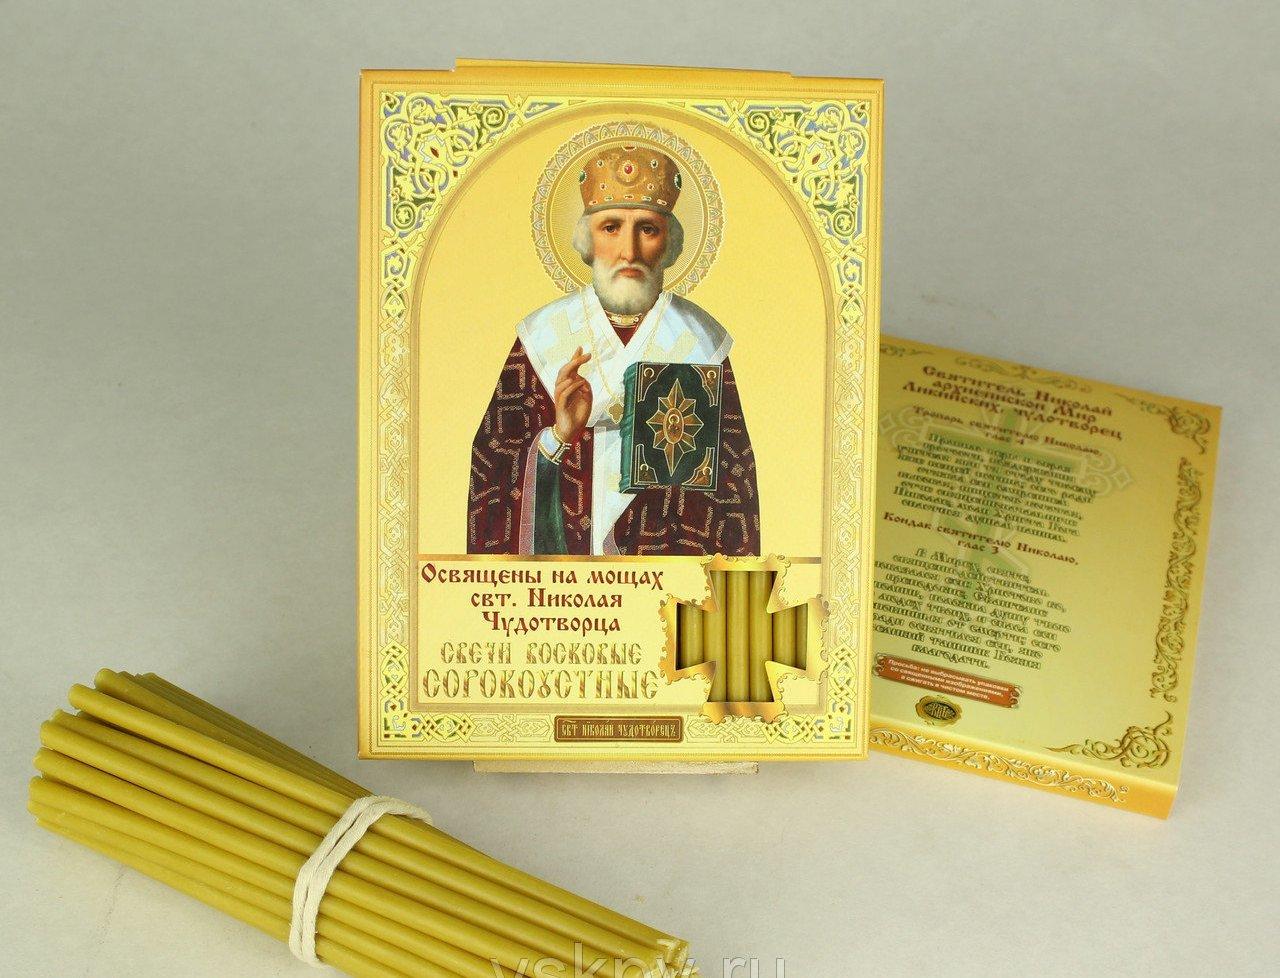 Свечи для домашней молитвы